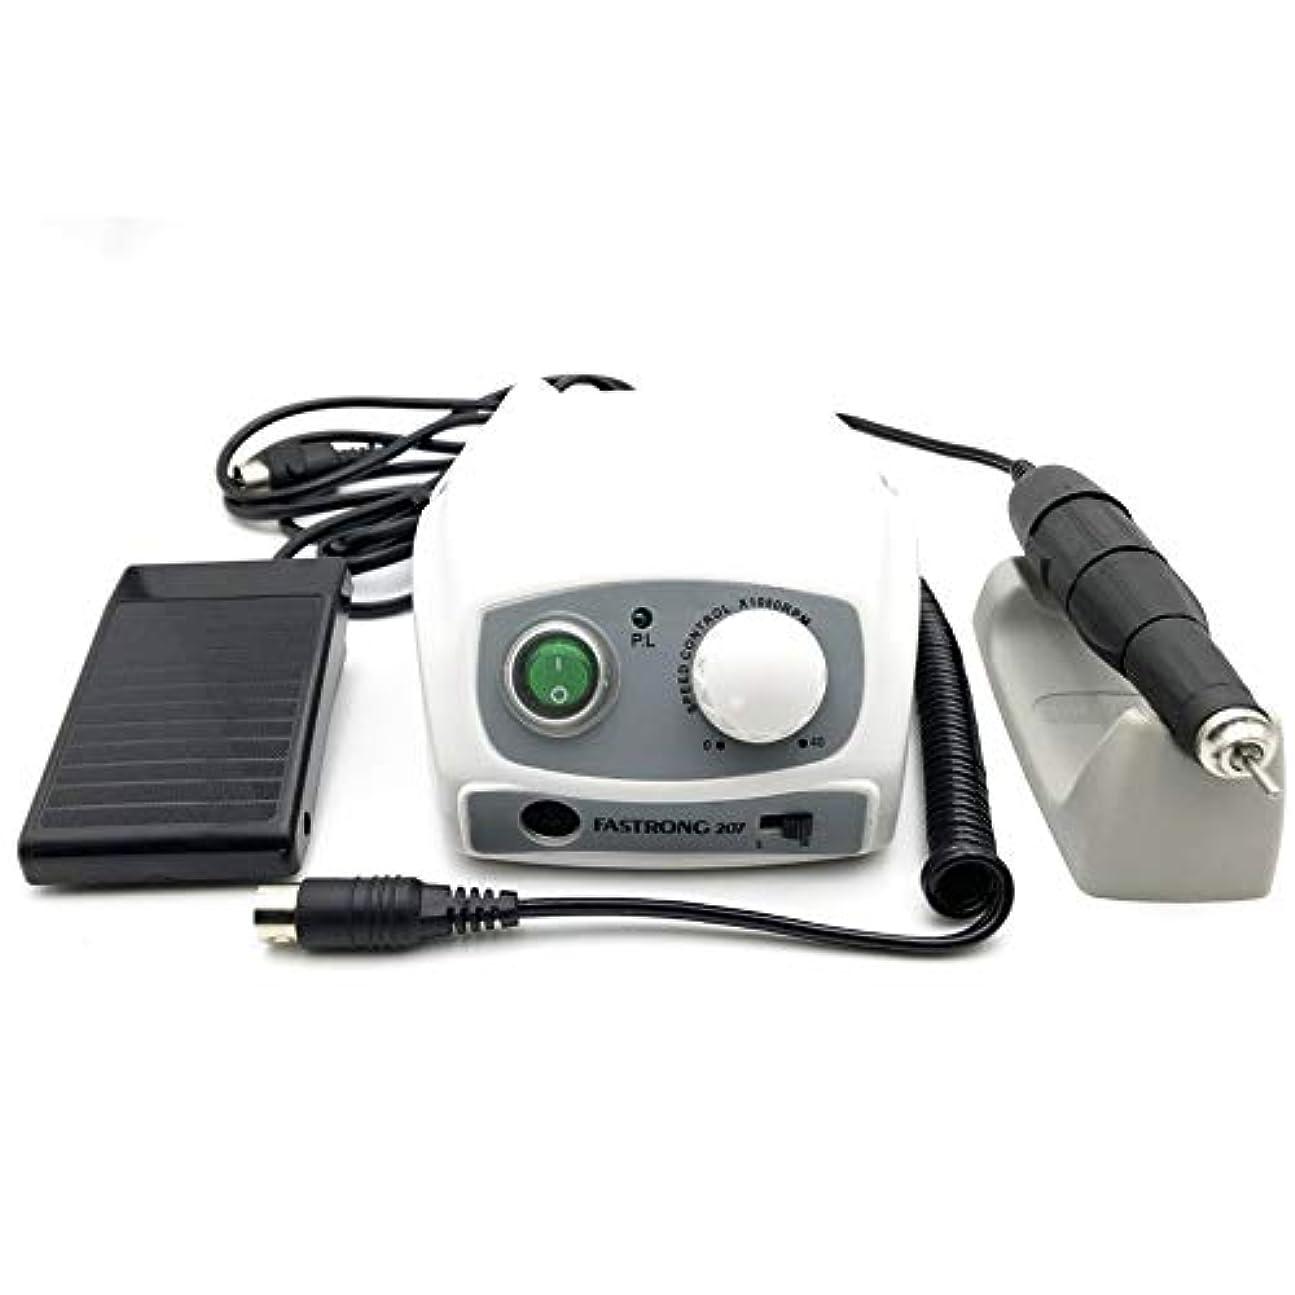 伝染性の合金純粋に電気マニキュアドリルセット40000RPMコントロールボックス210 102 Lマニキュアデバイス用マイクロモーターハンドピース